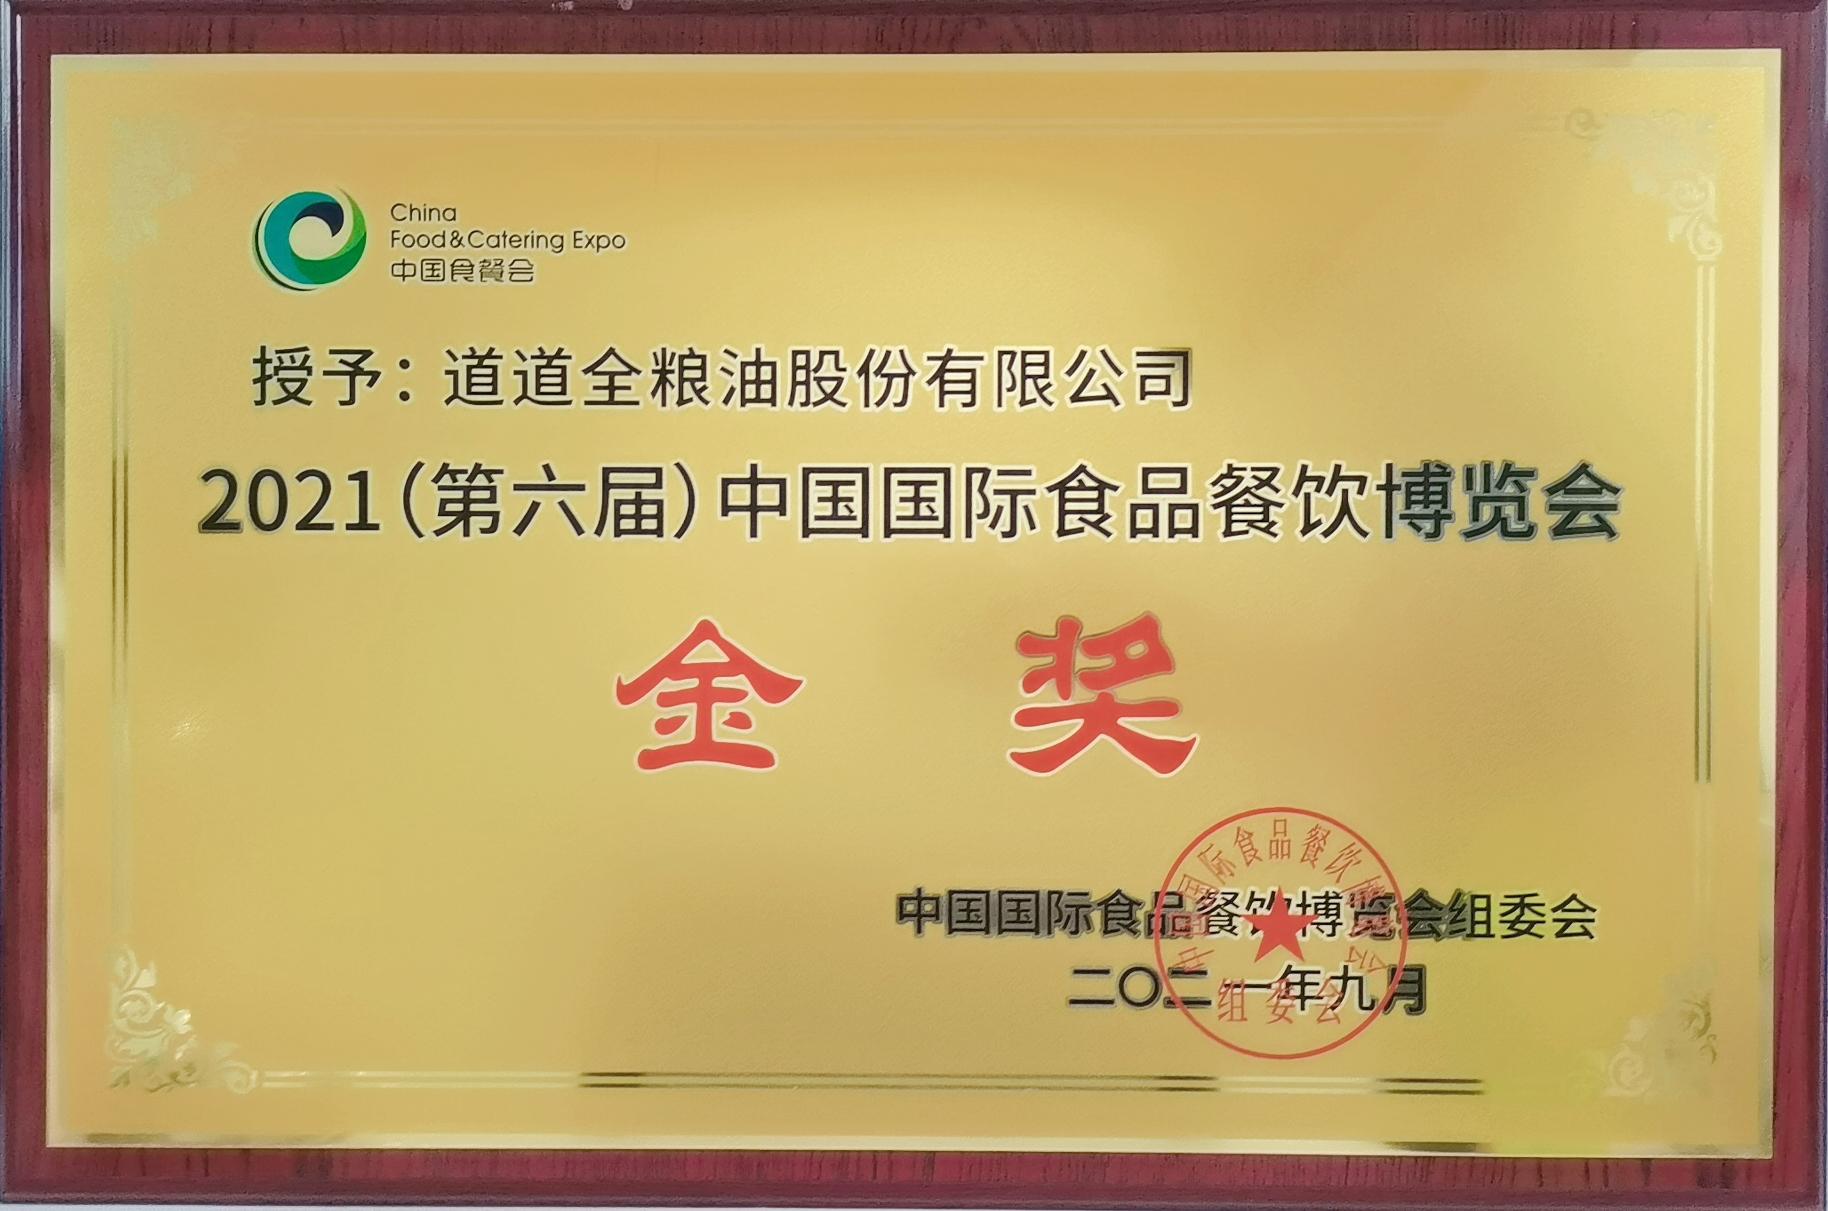 道道全榮獲2021(第六屆)中國國際食品餐飲博覽會金獎!